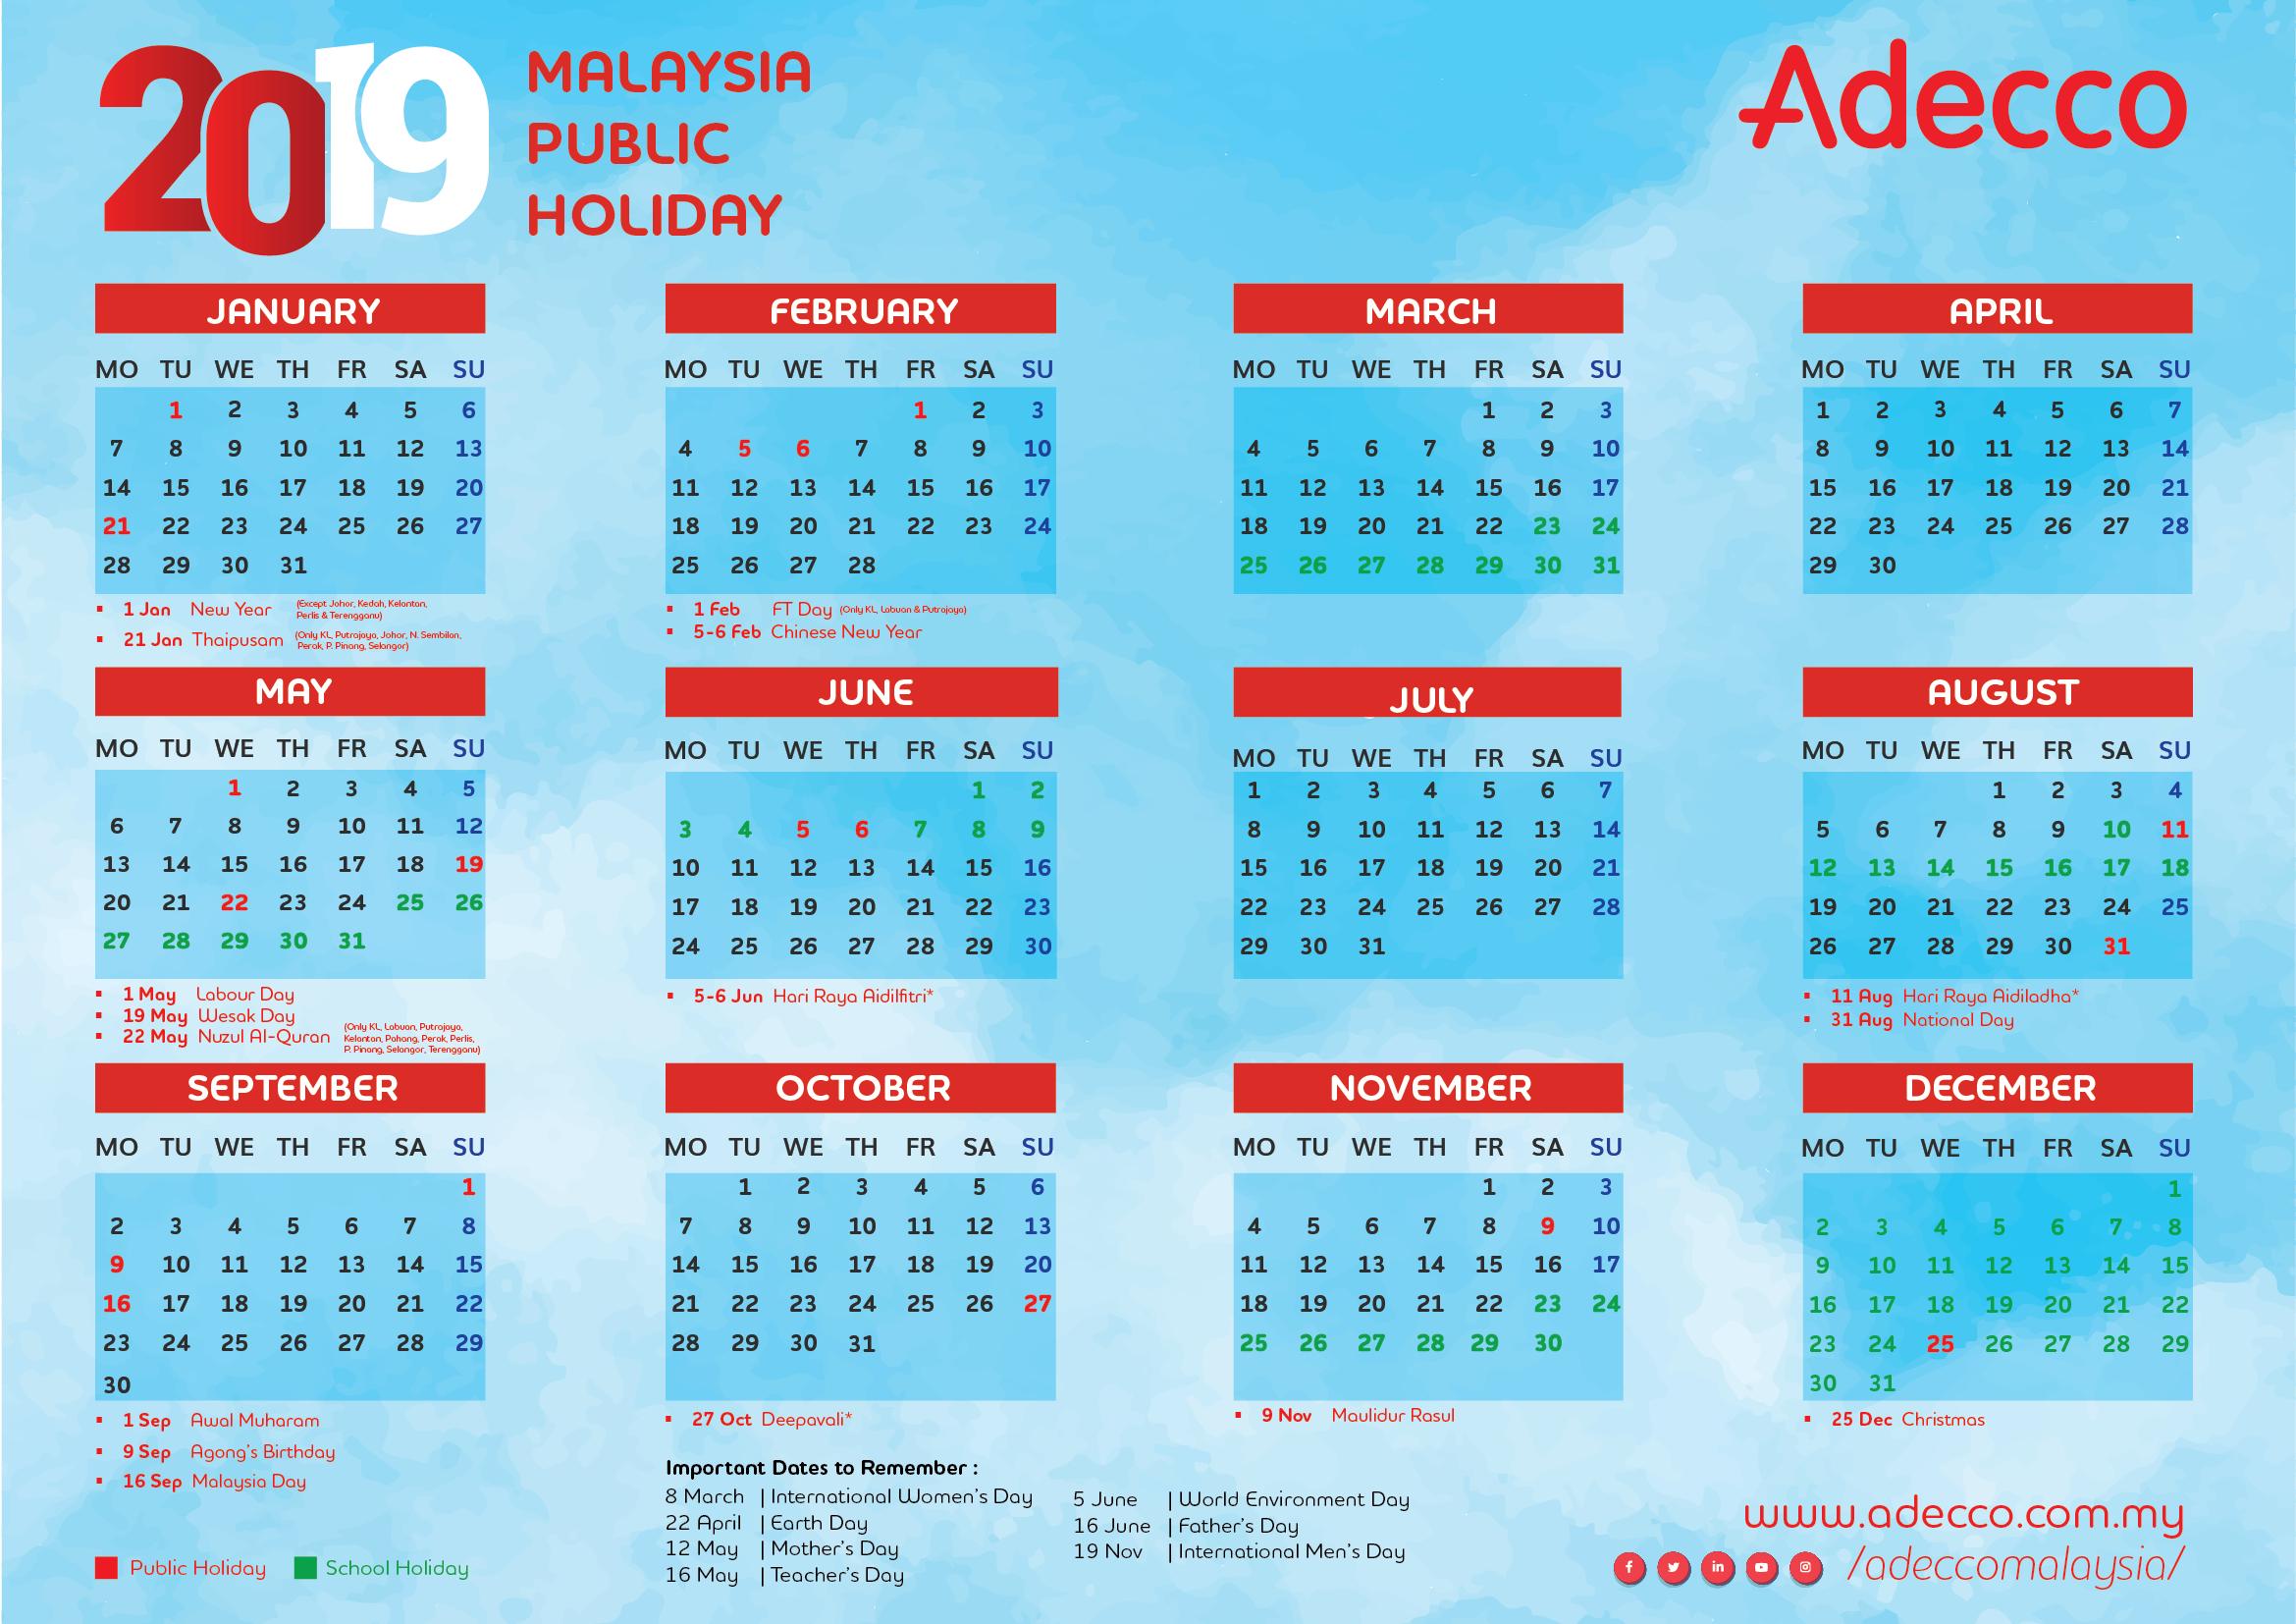 Calendar, 2019, Adecco Calendar 2019 Malaysia